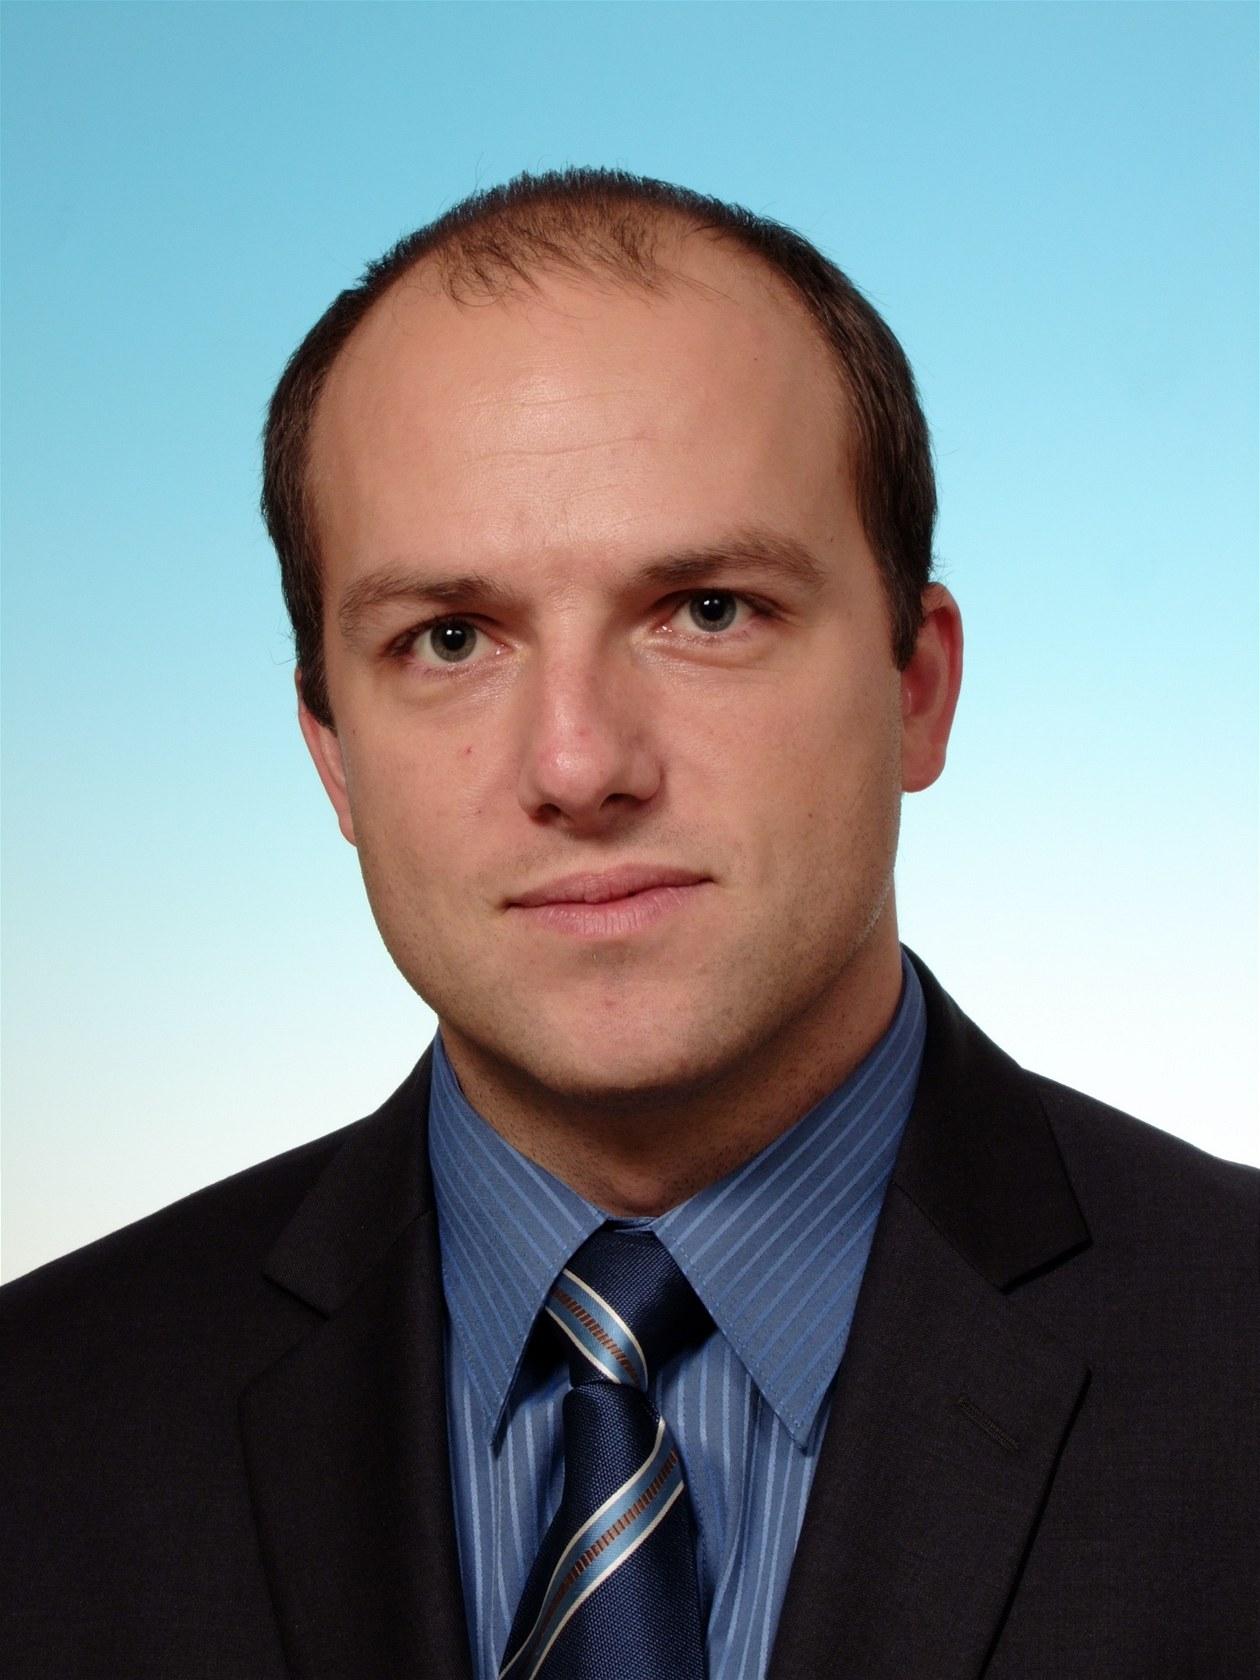 Jiří Srba